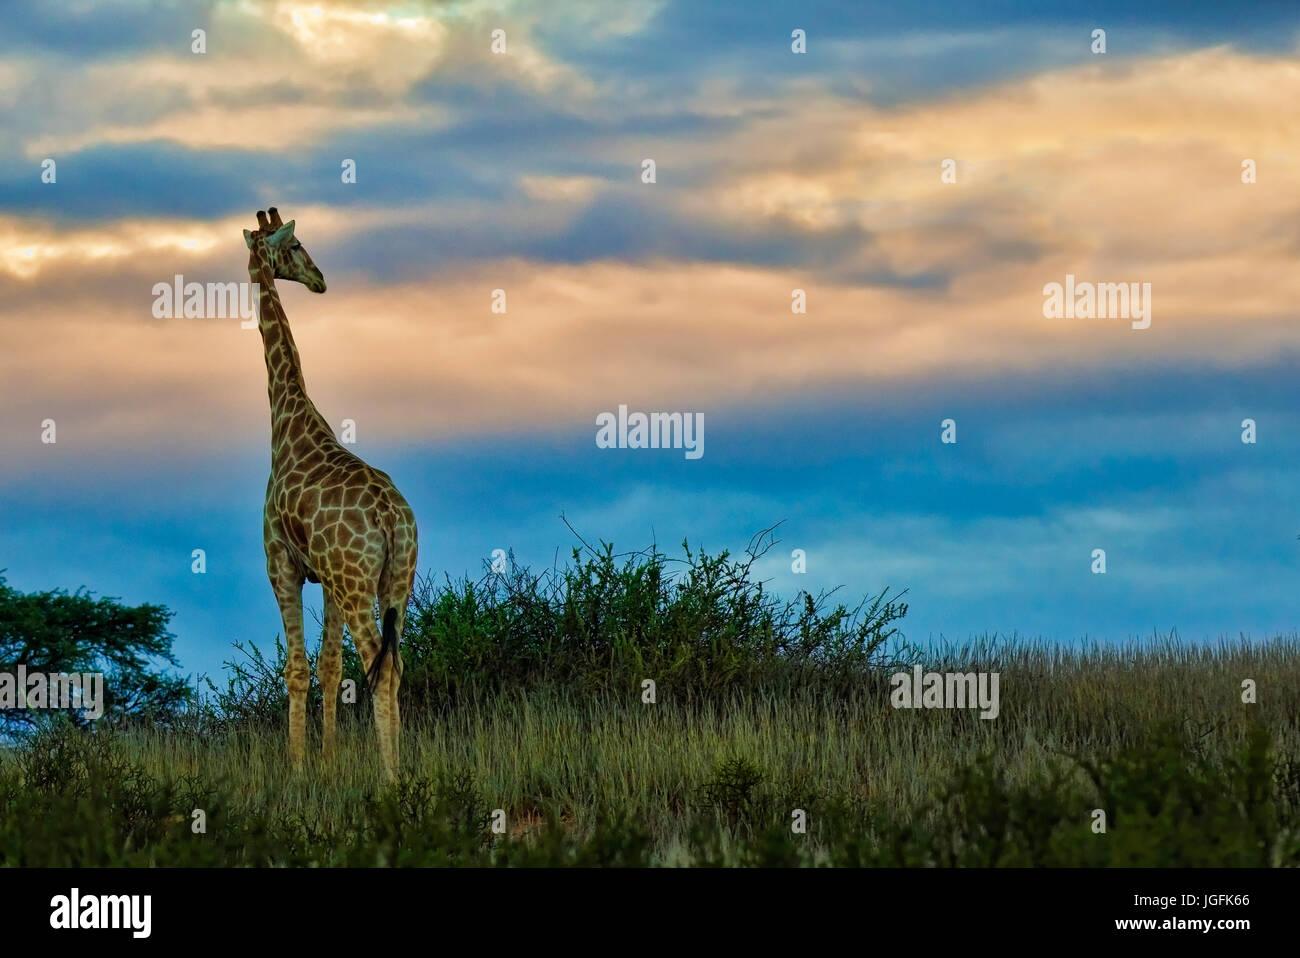 La giraffa ,Giraffa camelopardalis, è il più alto animale e il più grande dei ruminanti. Visto qui Immagini Stock